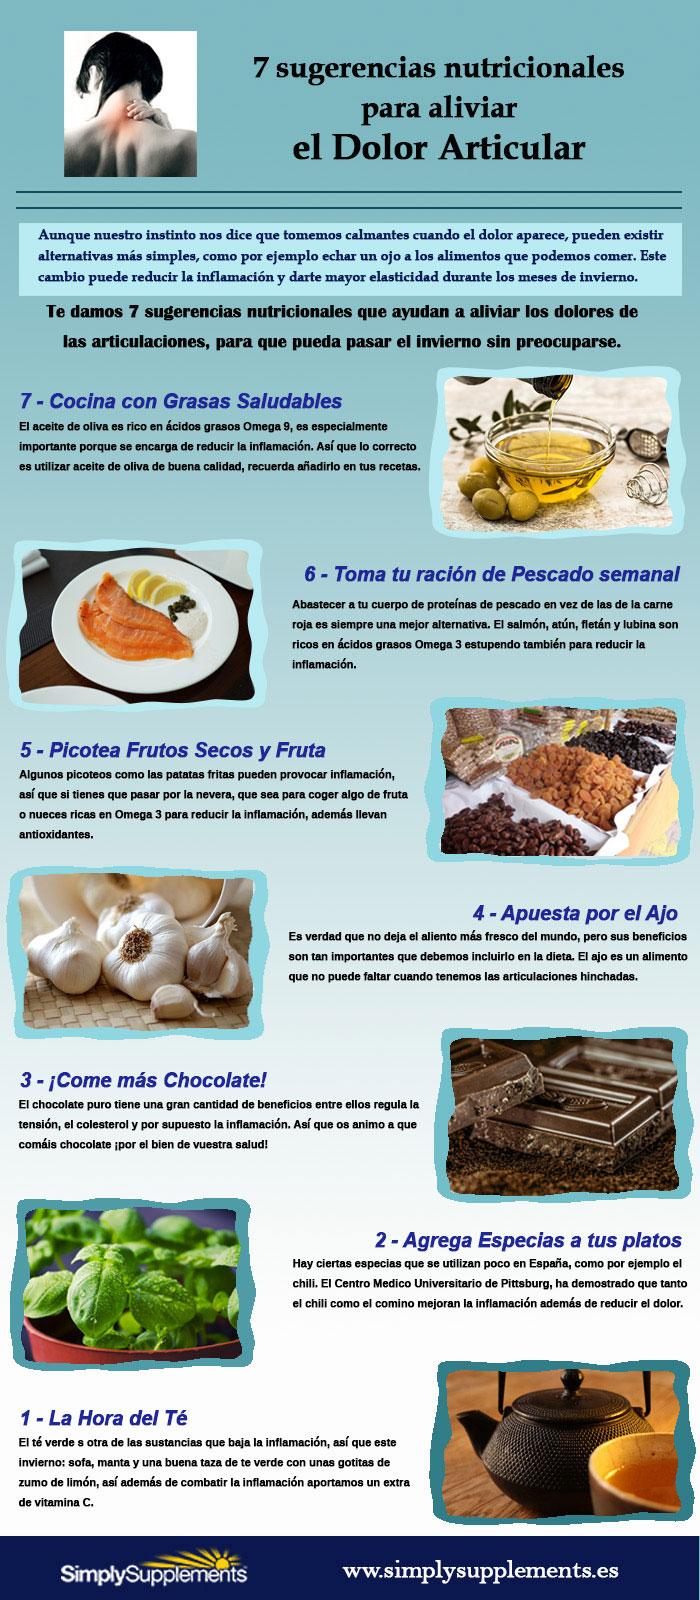 infografia-7-sugerencias-para-aliviar-el-dolor-articular